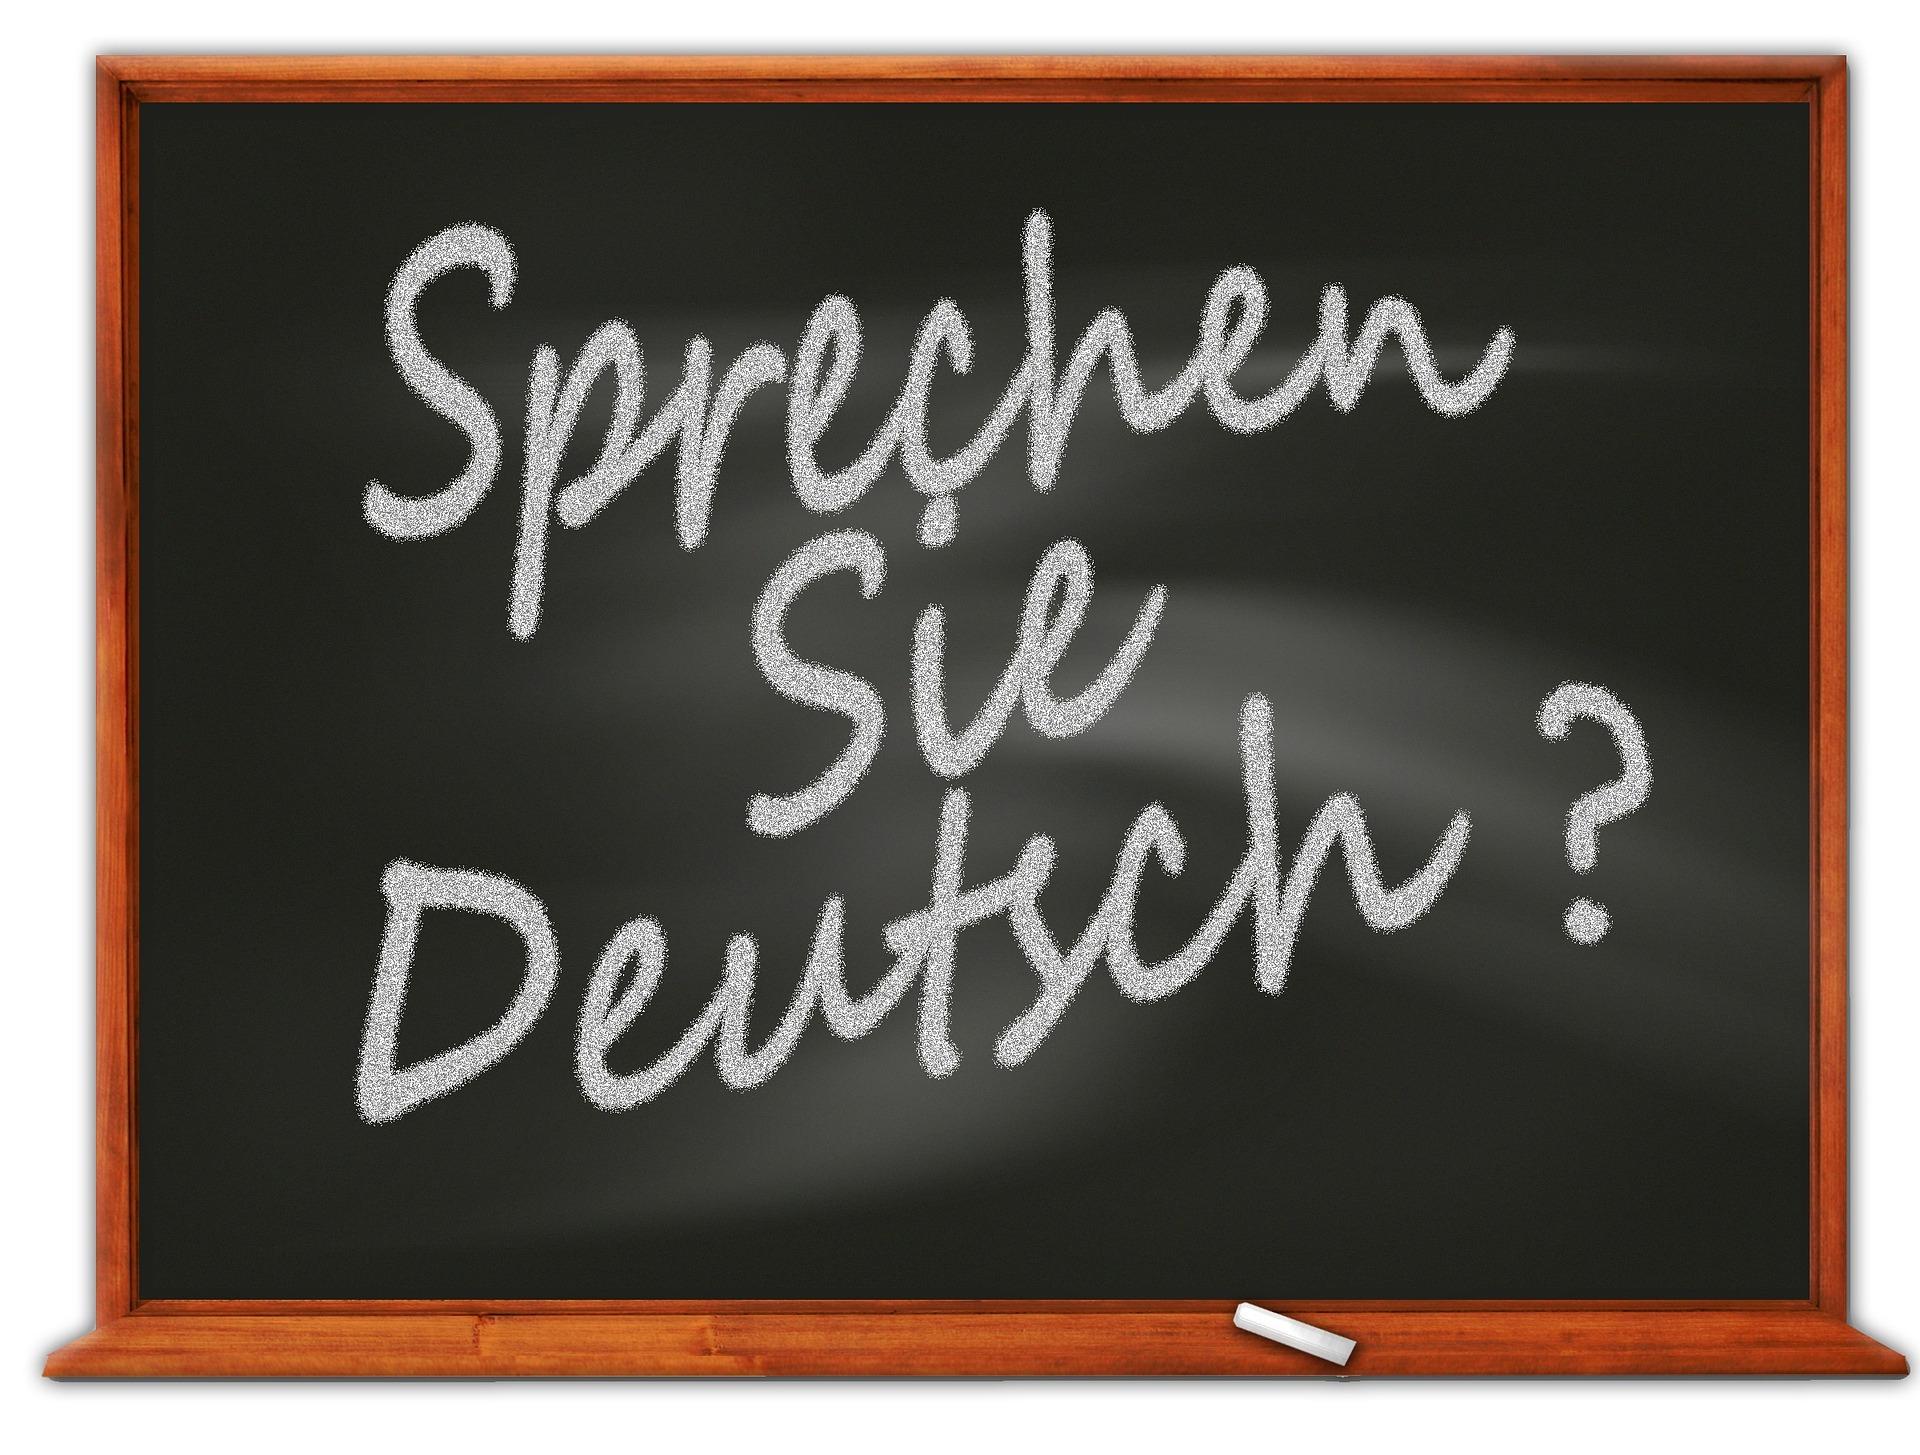 לימוד גרמנית – המדריך המלא ללימודי גרמנית